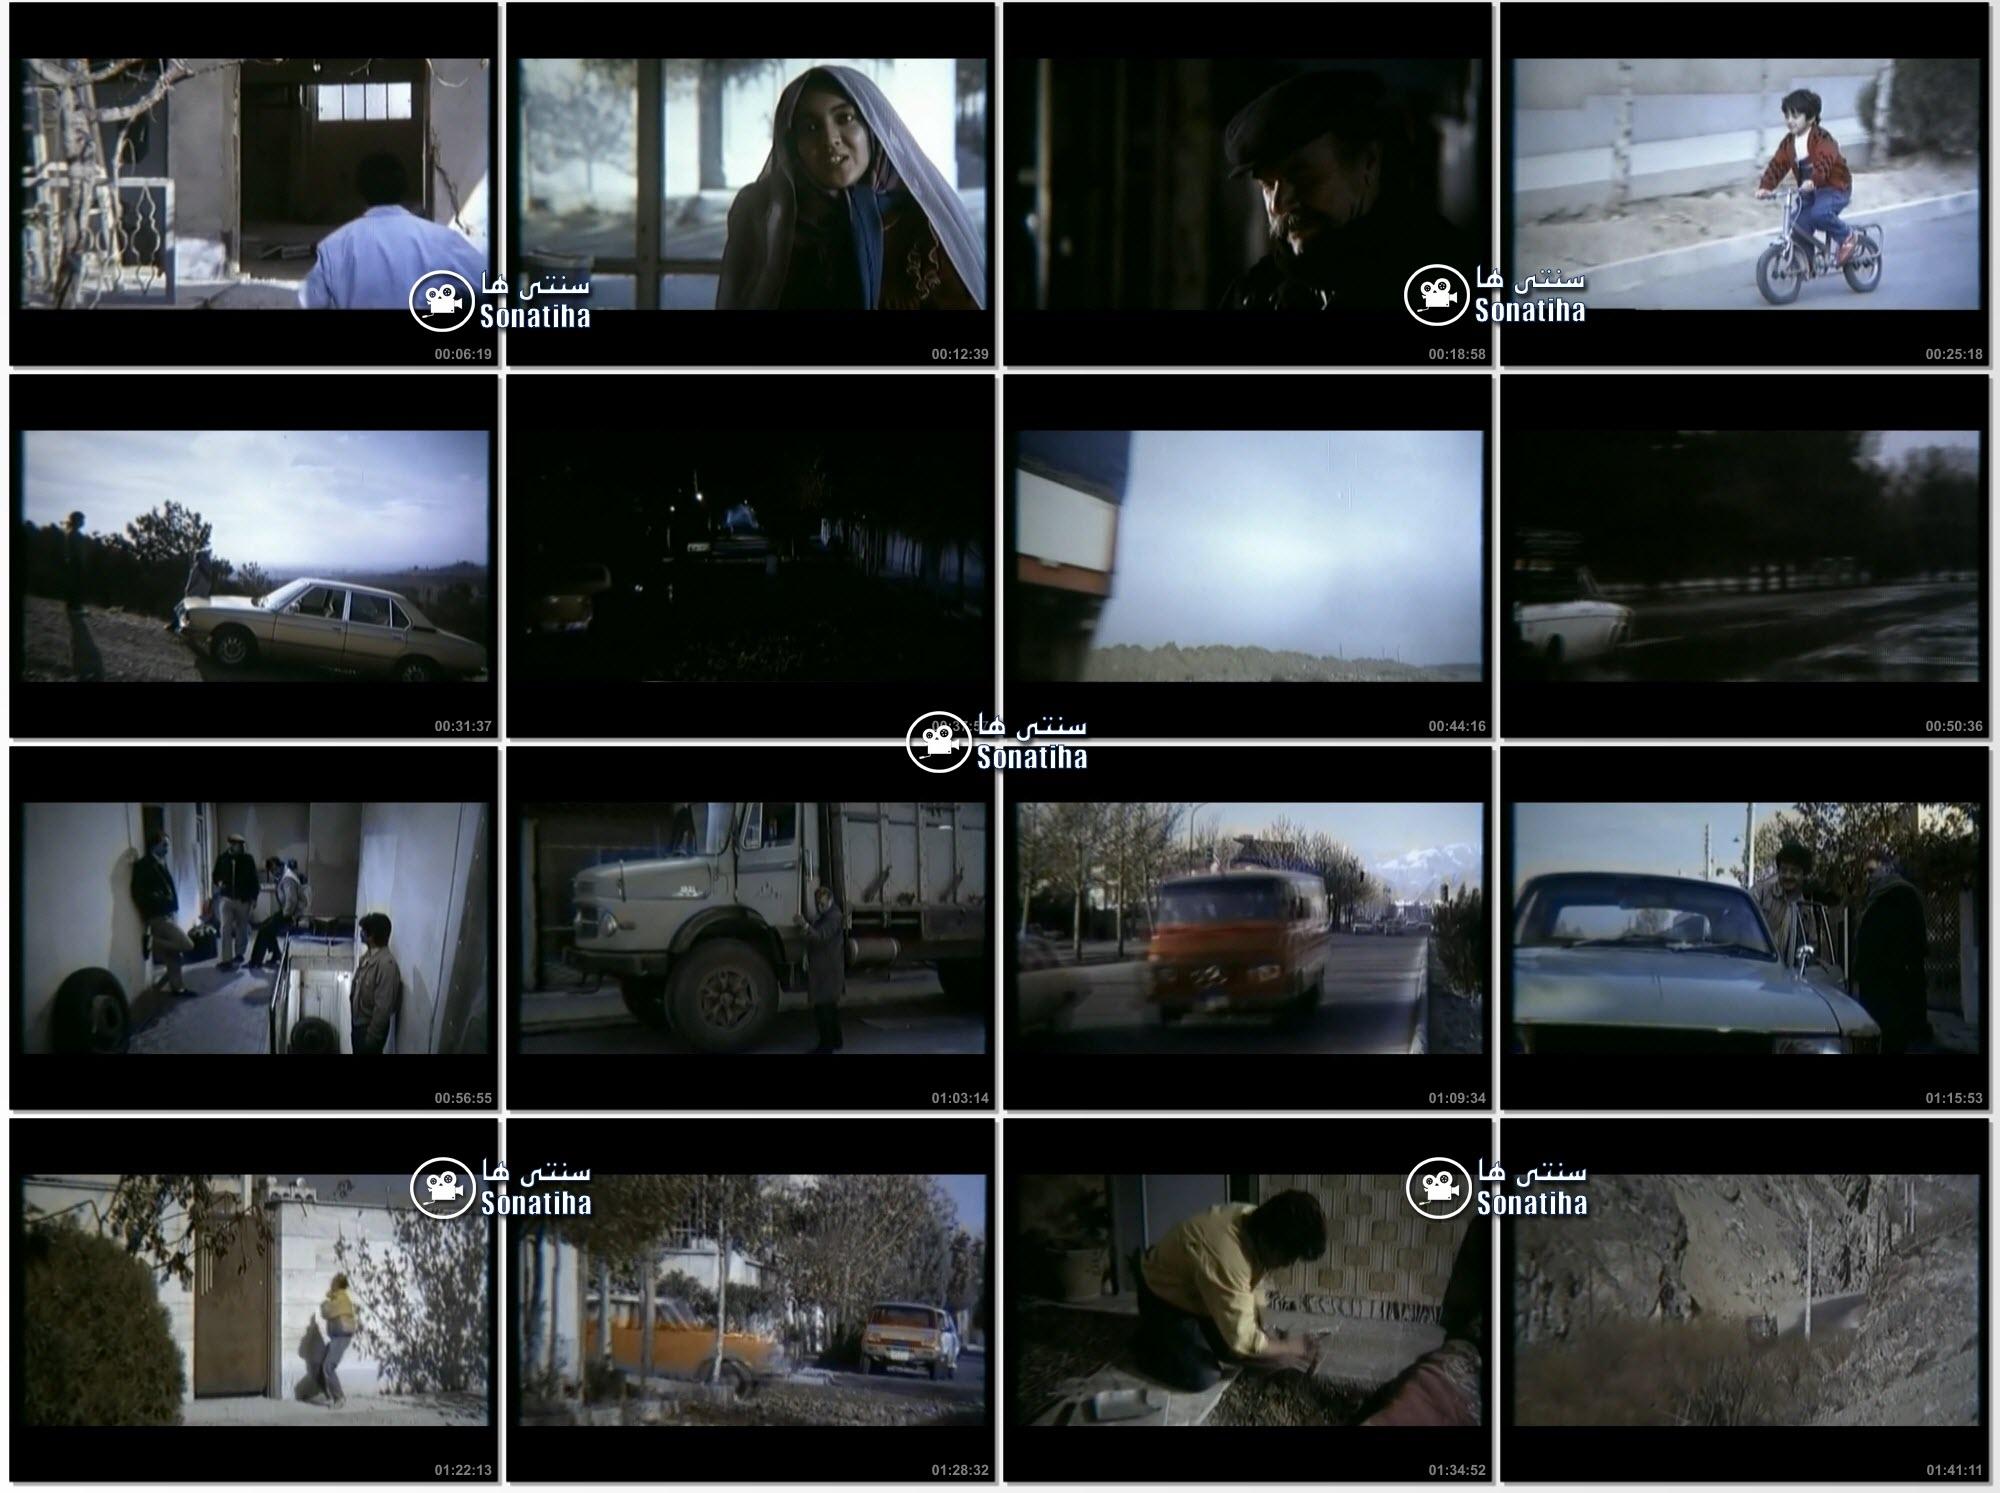 تصاویری از فیلم وسوسه